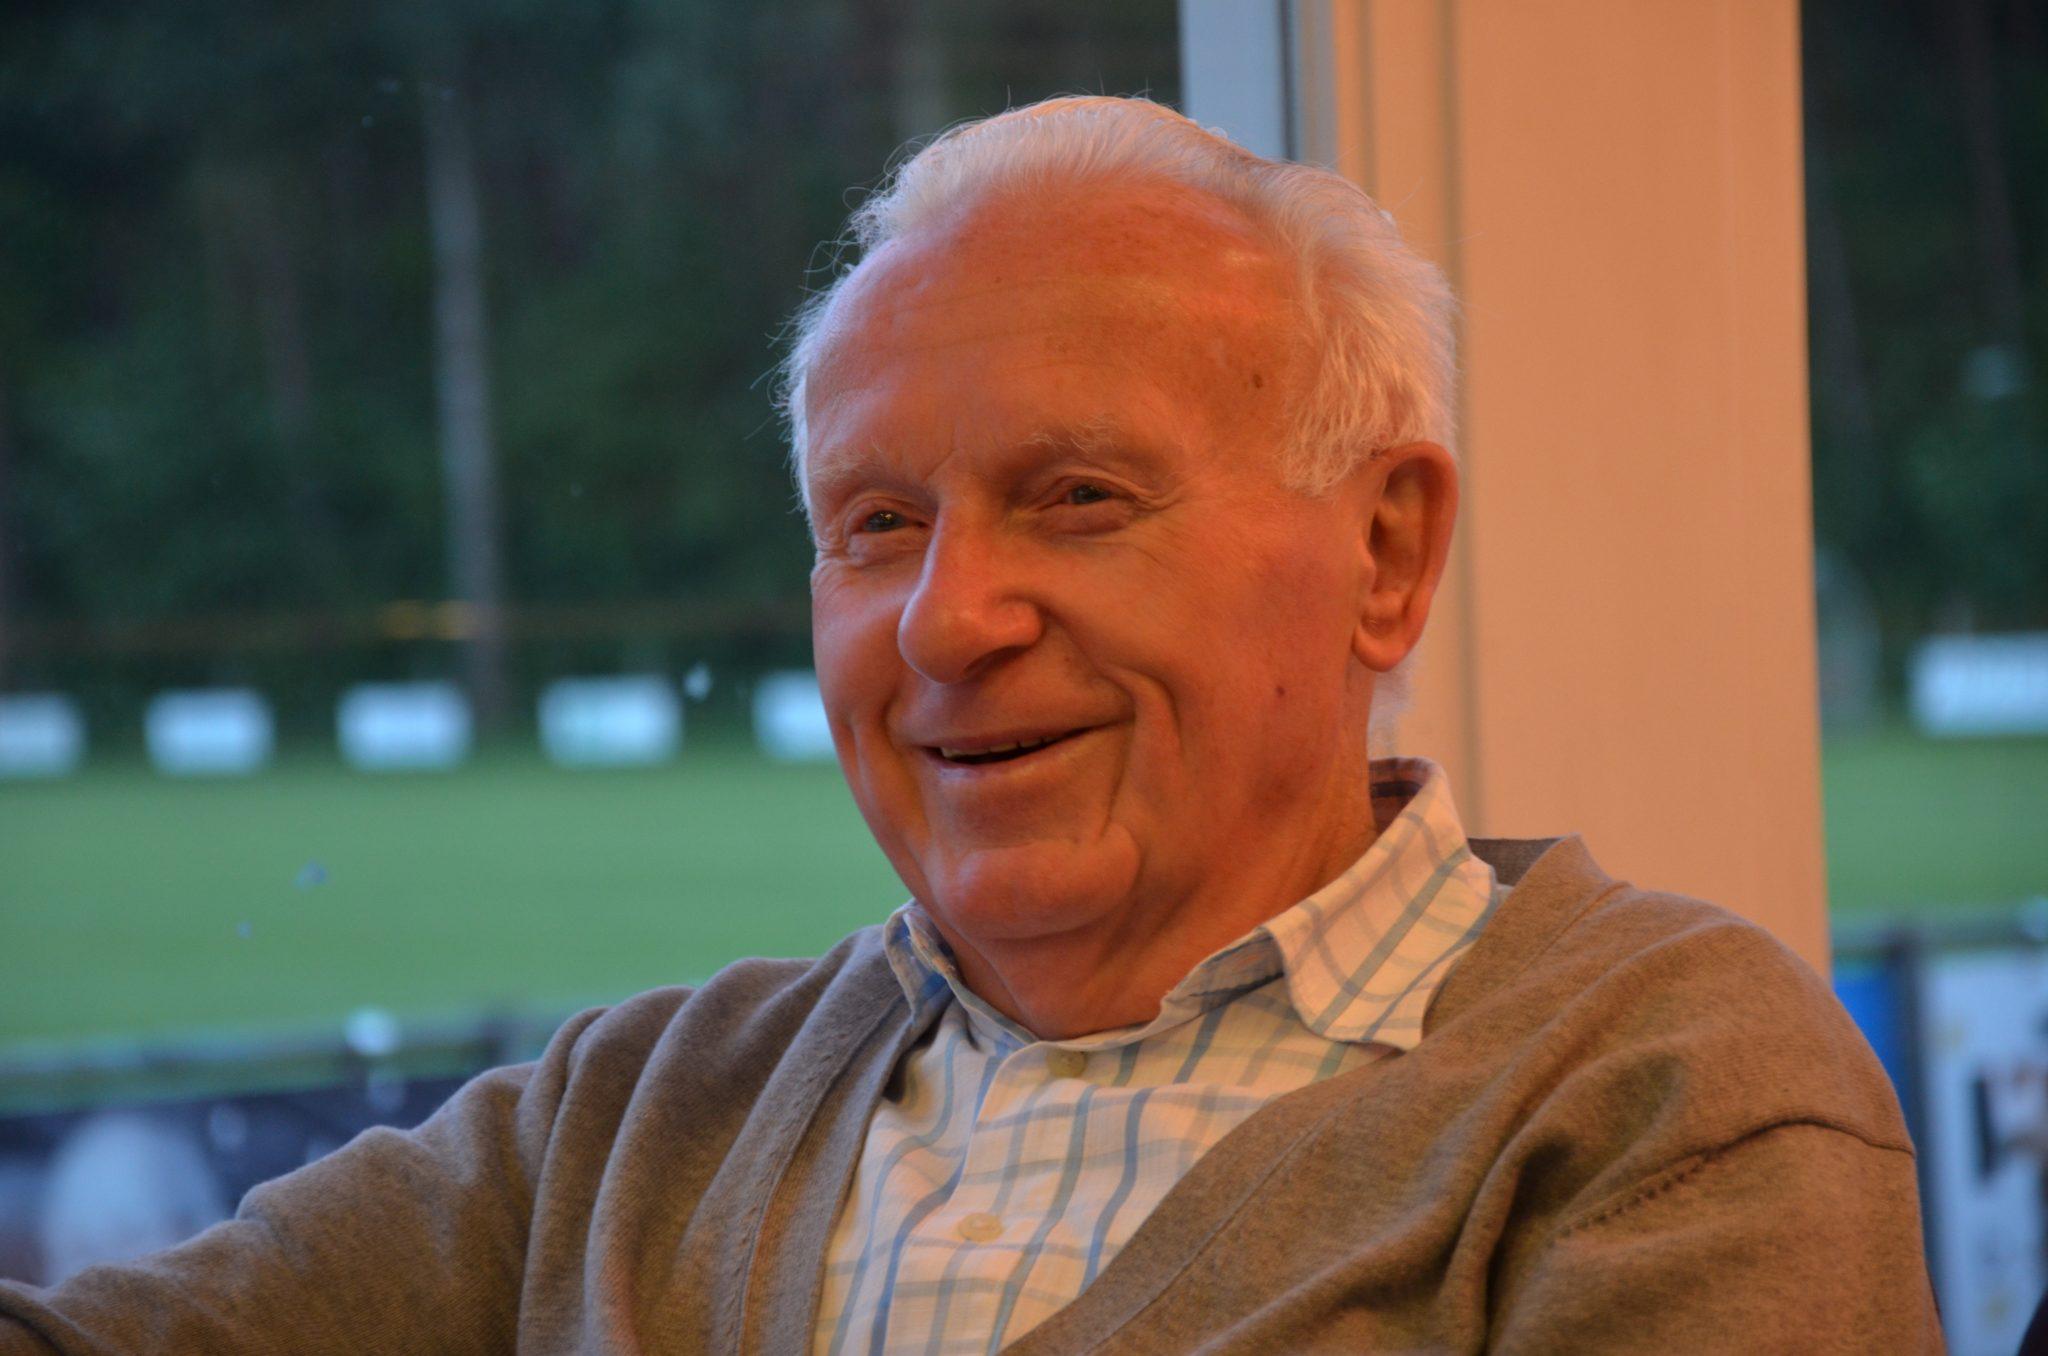 Platina jubileum Frans van Herk bij Voetbalvereniging Riethoven